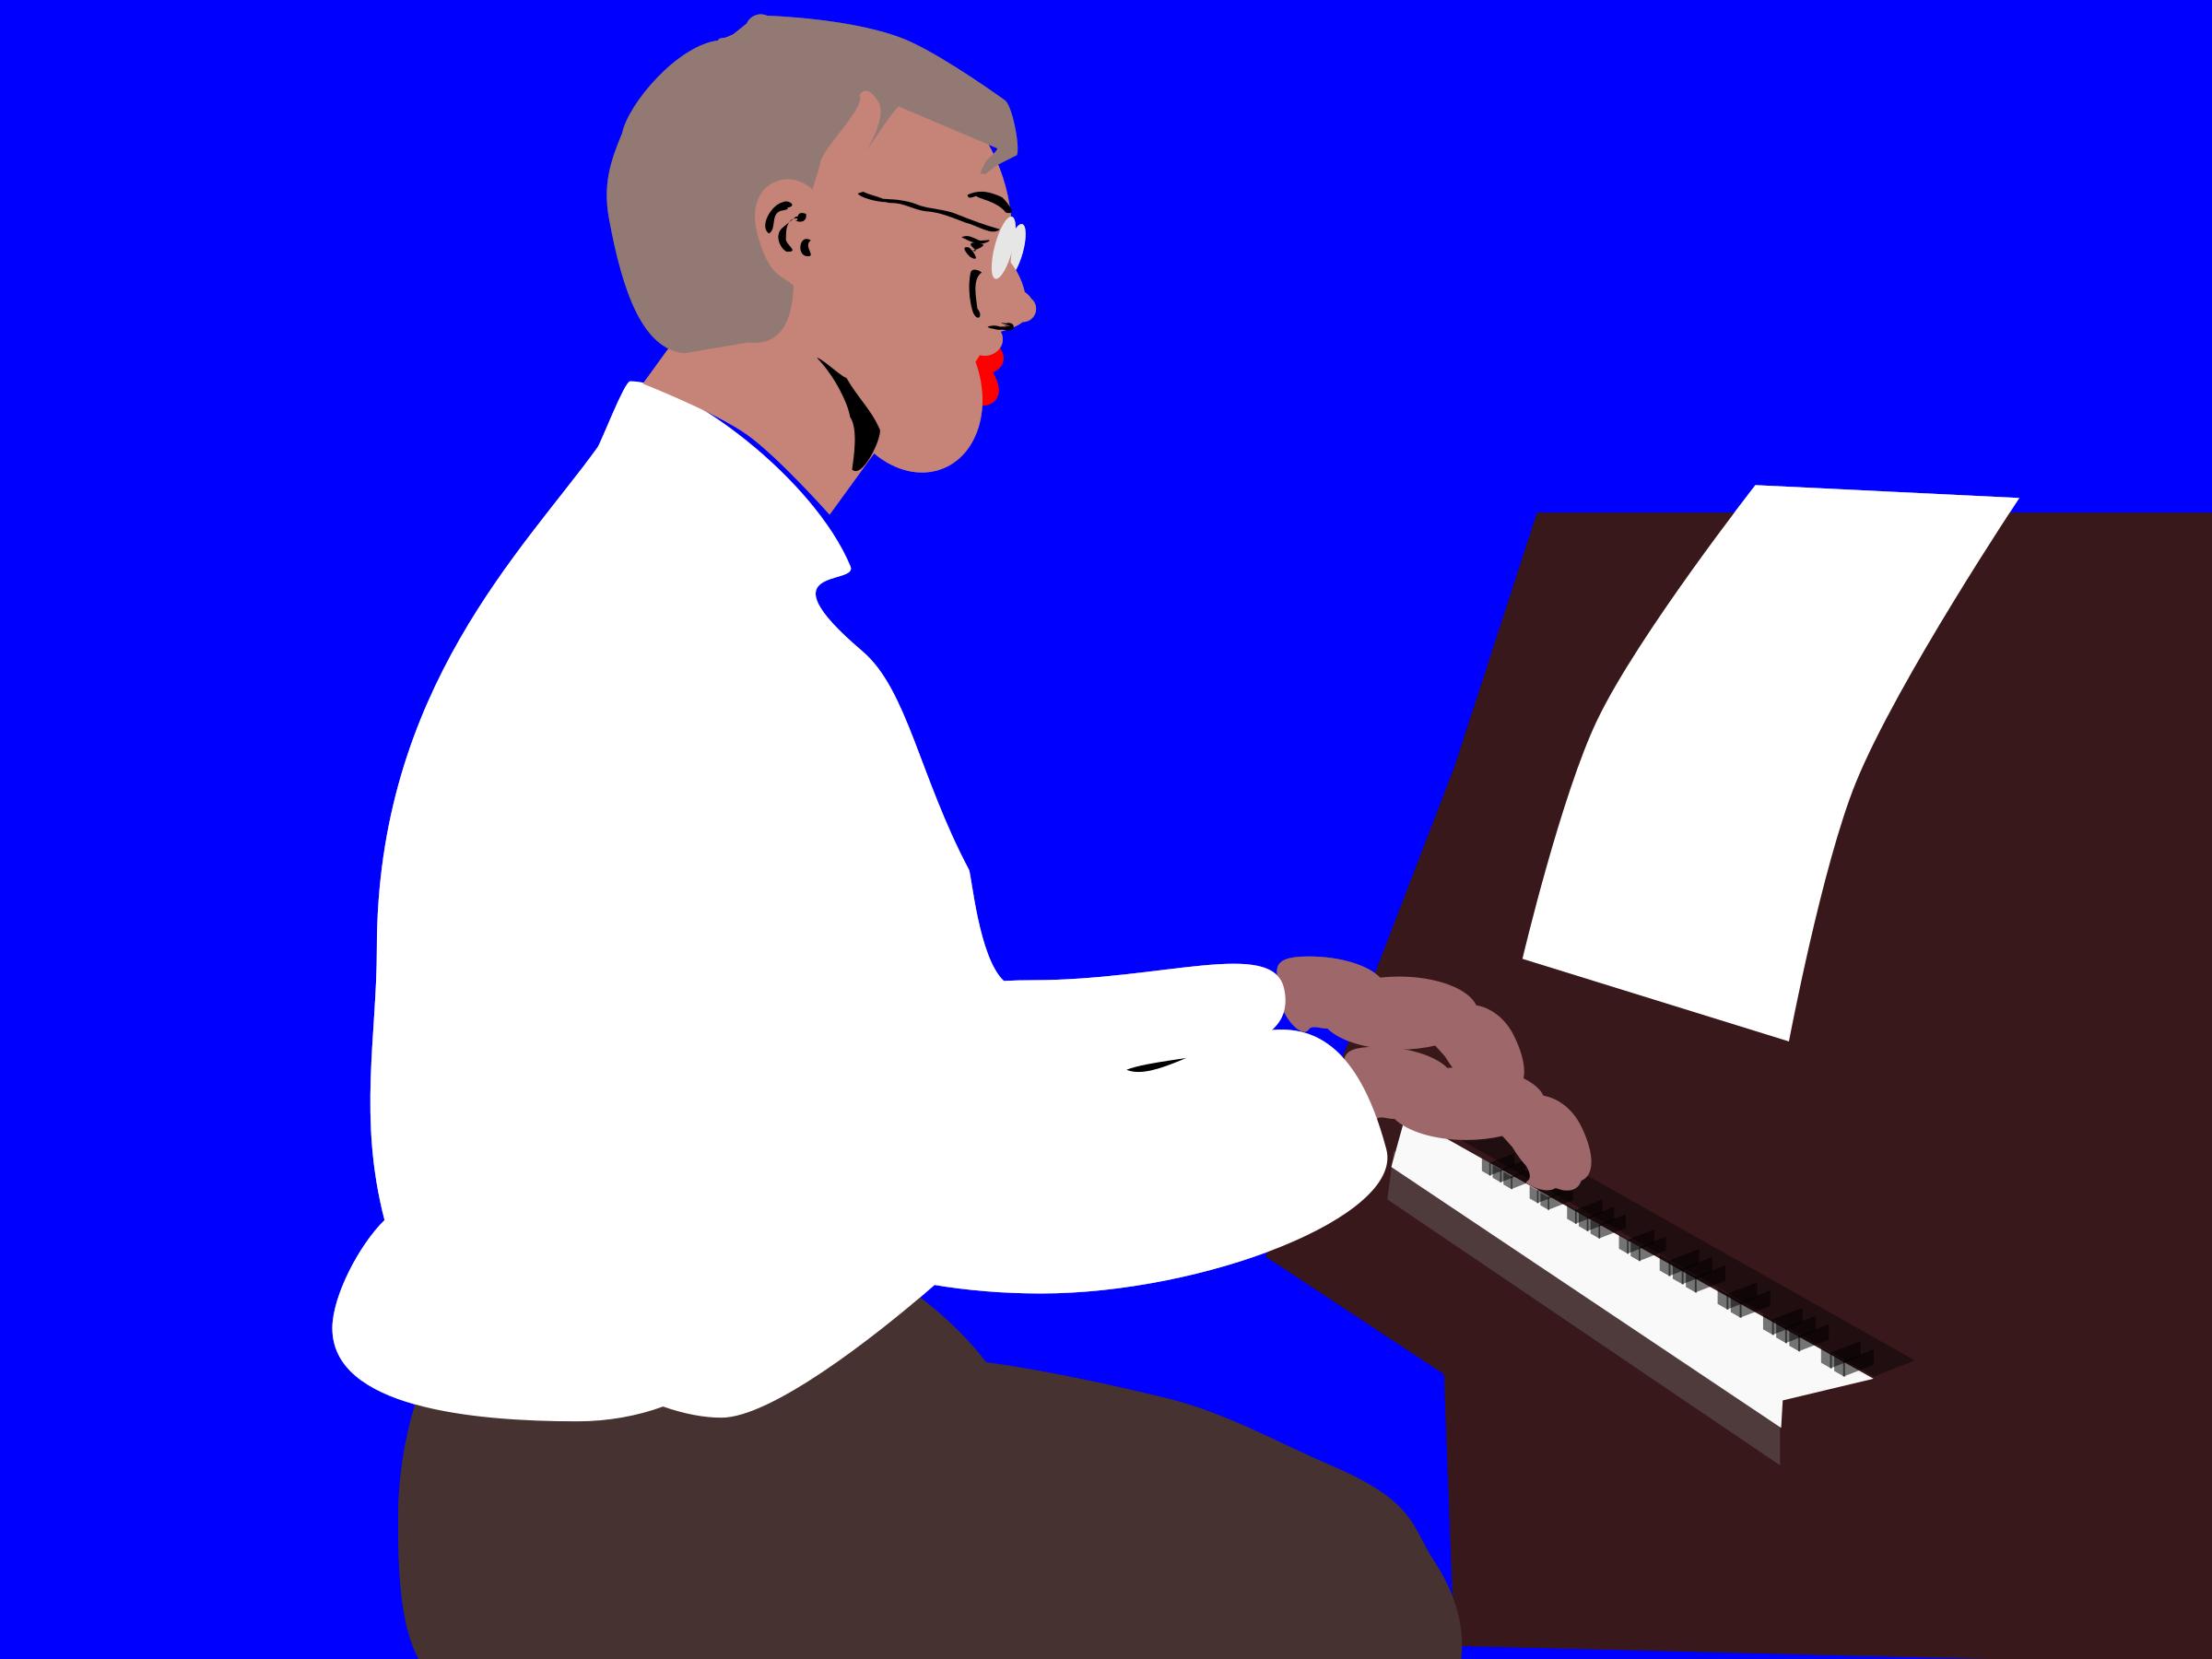 Clipartmonk free clip art. Piano clipart pianist